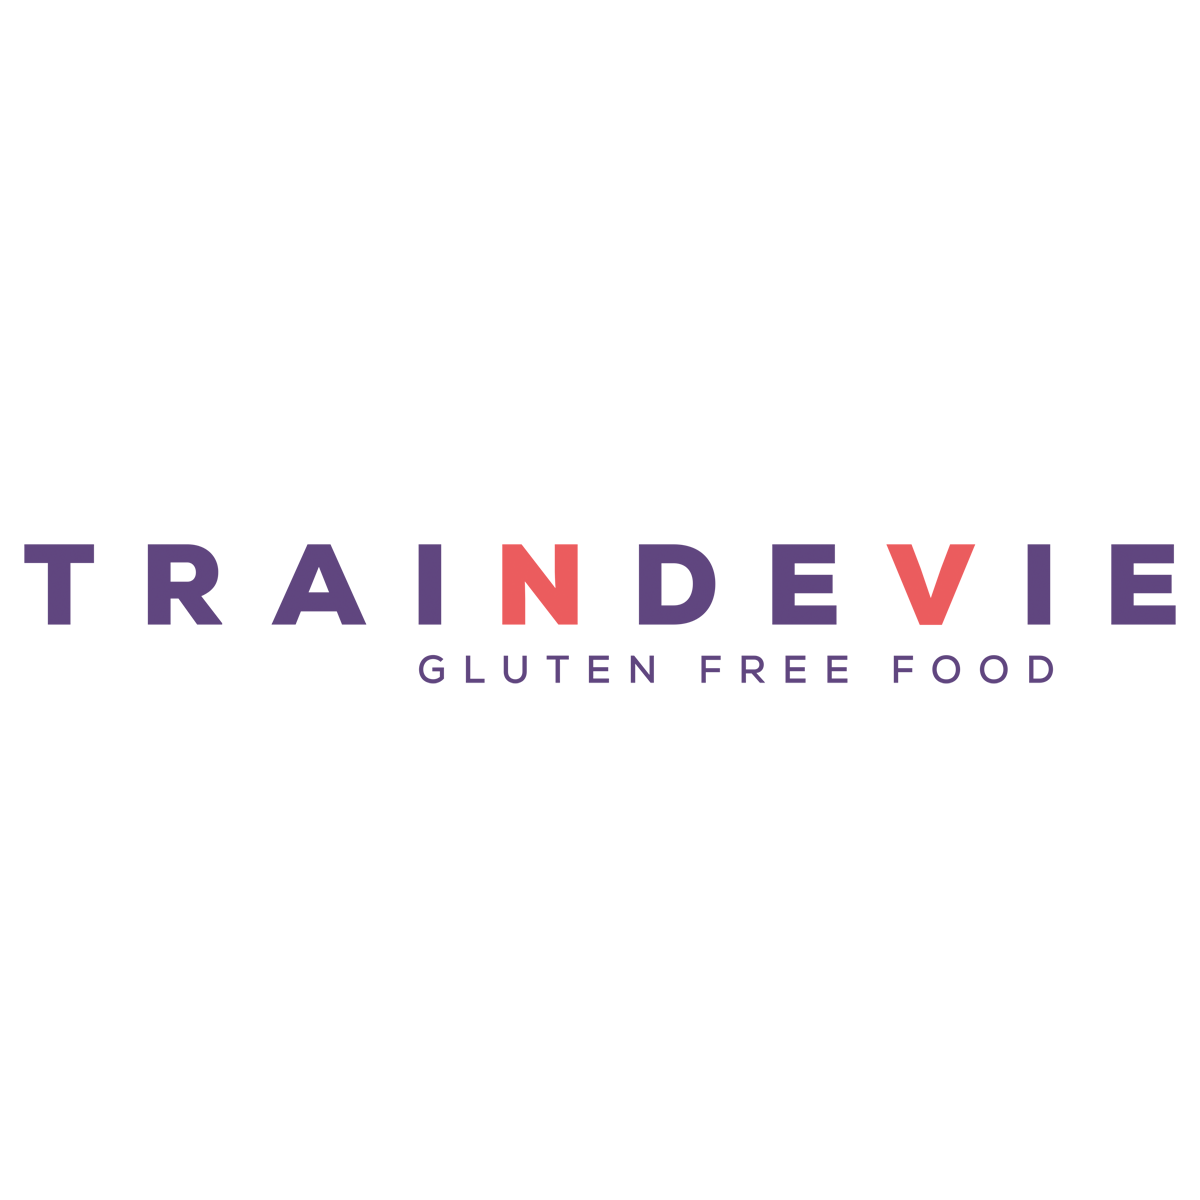 Traindevie